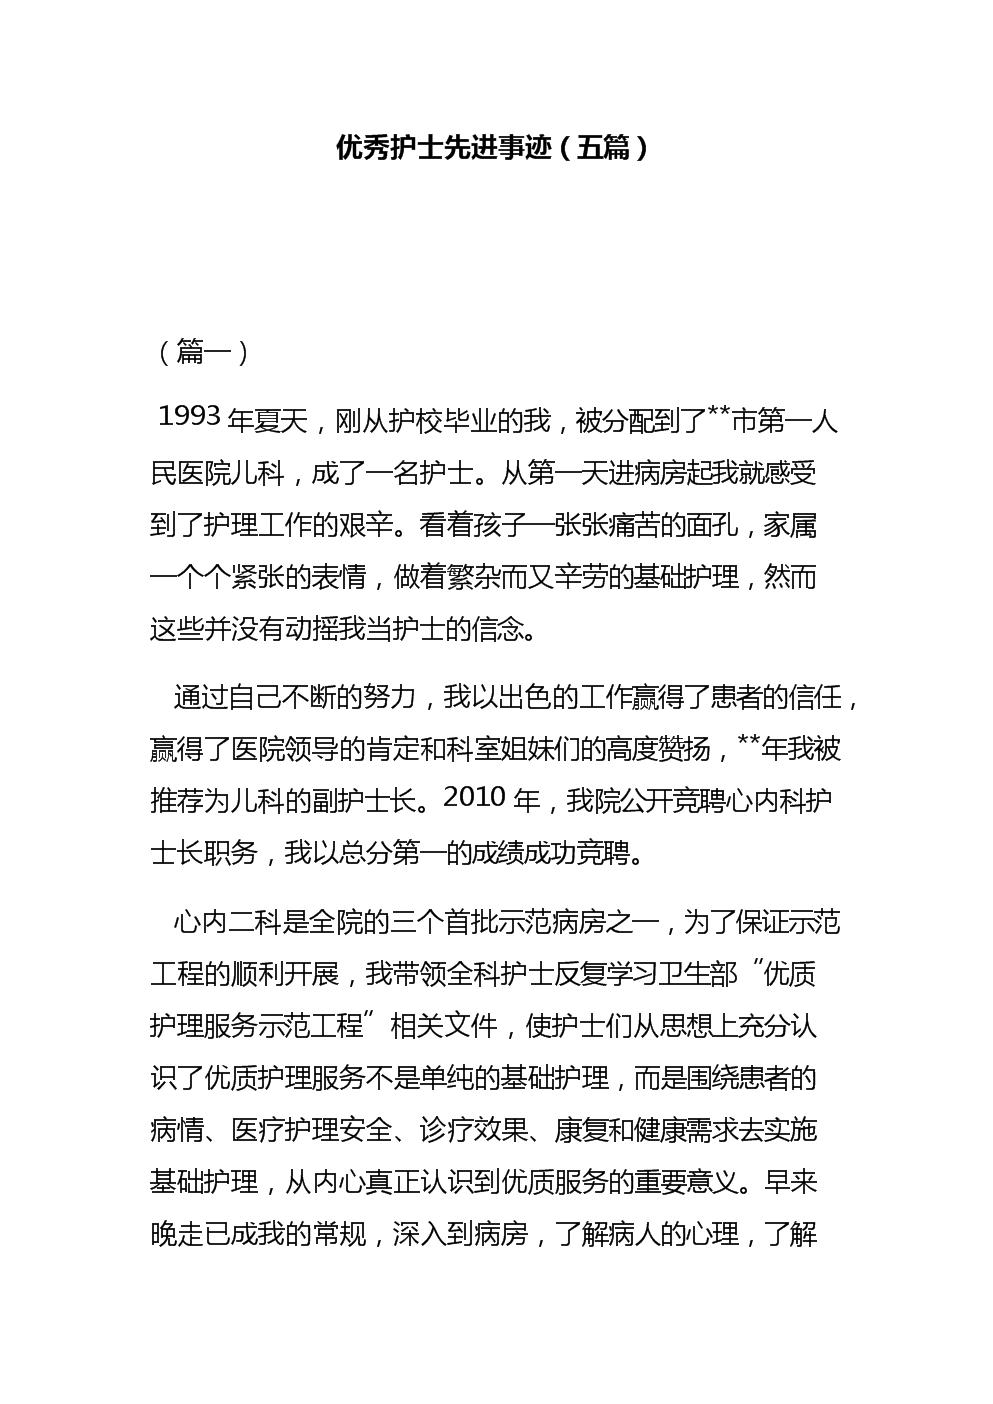 优秀护士先进事迹(五篇).docx